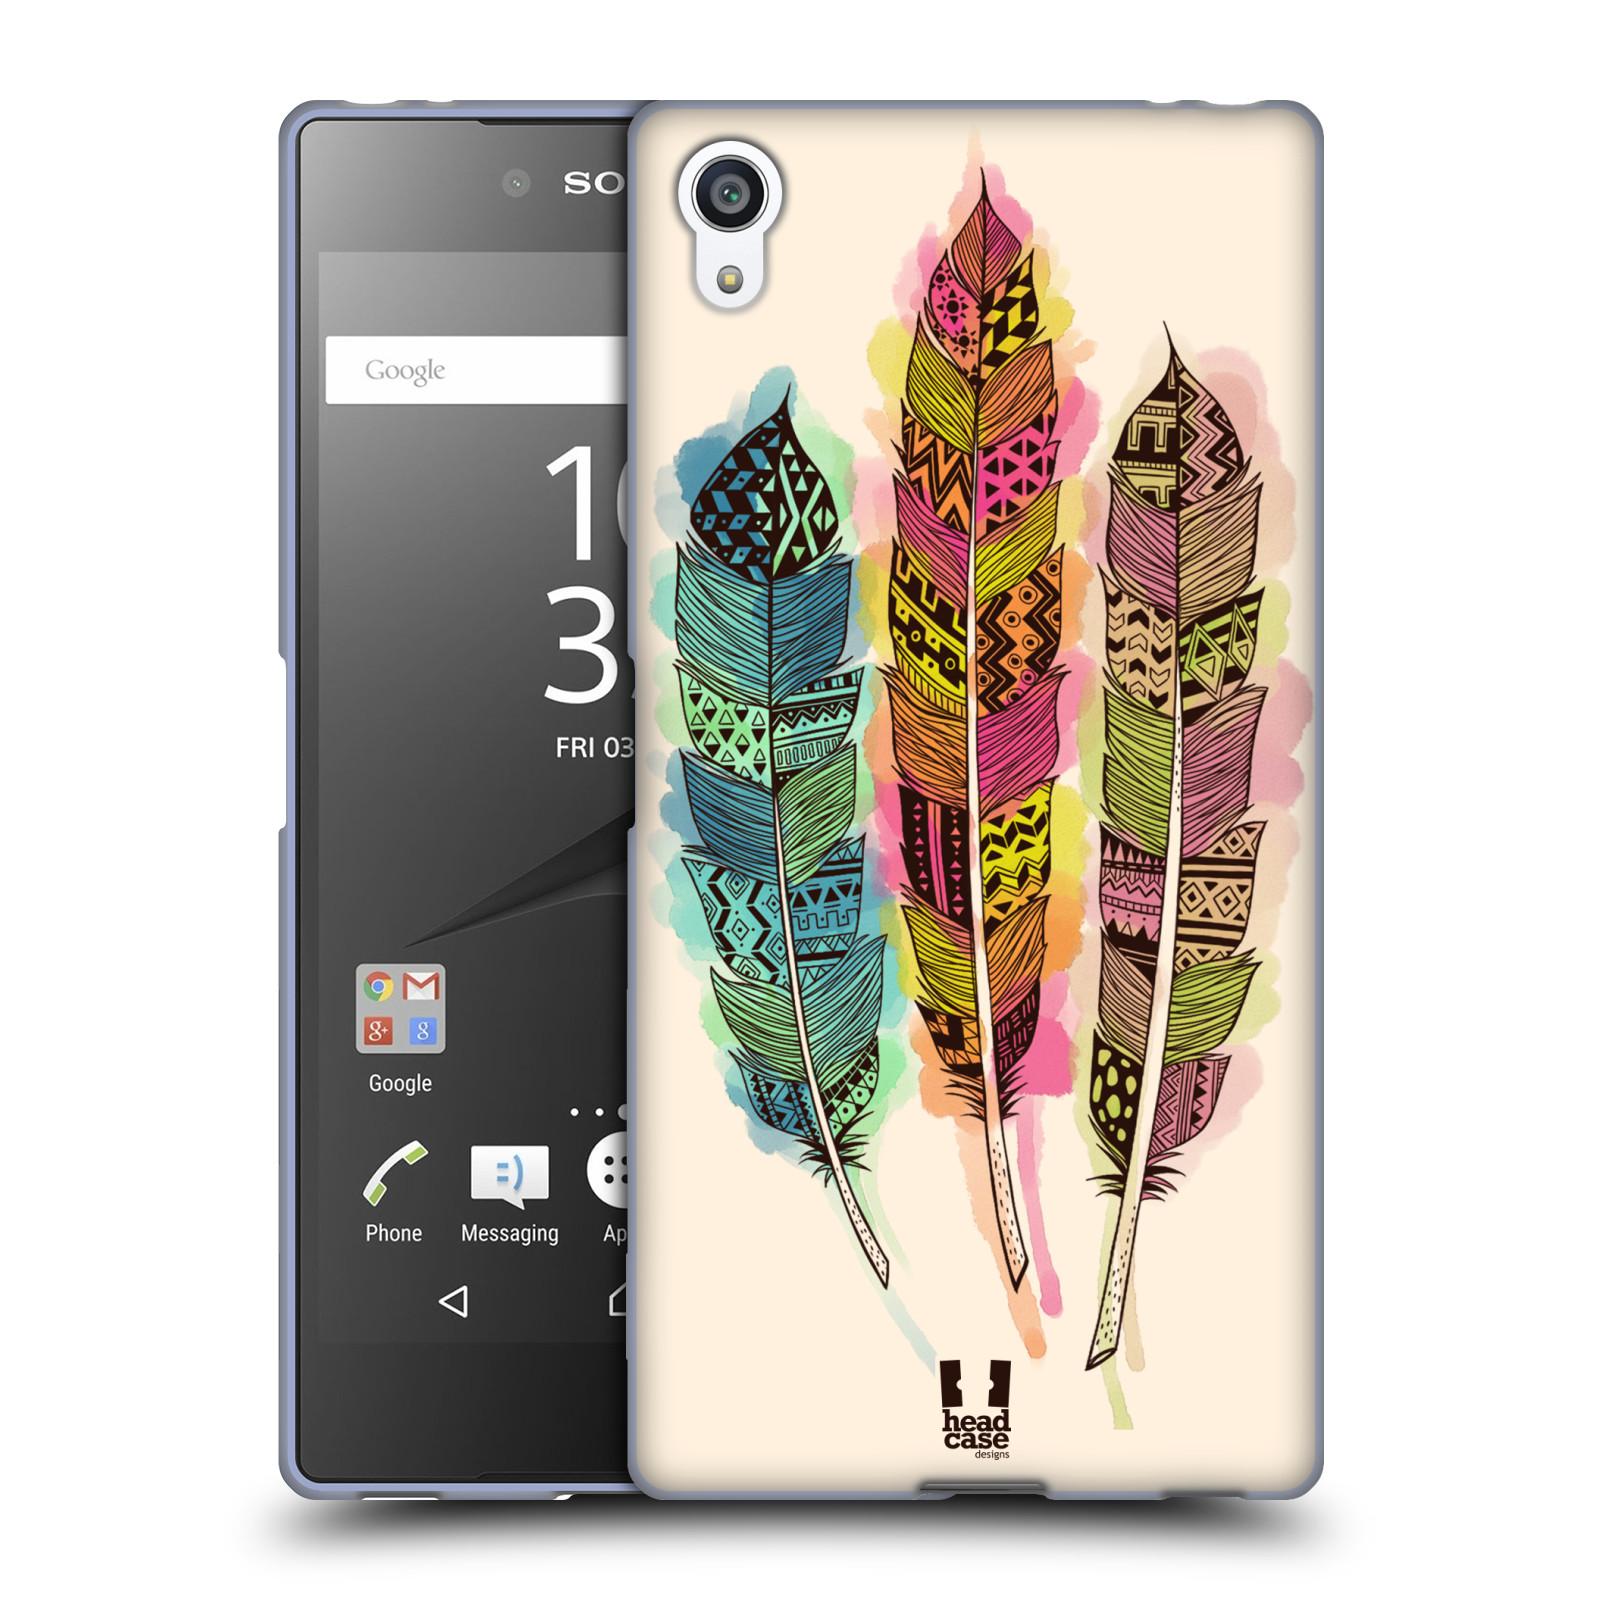 Silikonové pouzdro na mobil Sony Xperia Z5 Premium HEAD CASE AZTEC PÍRKA SPLASH